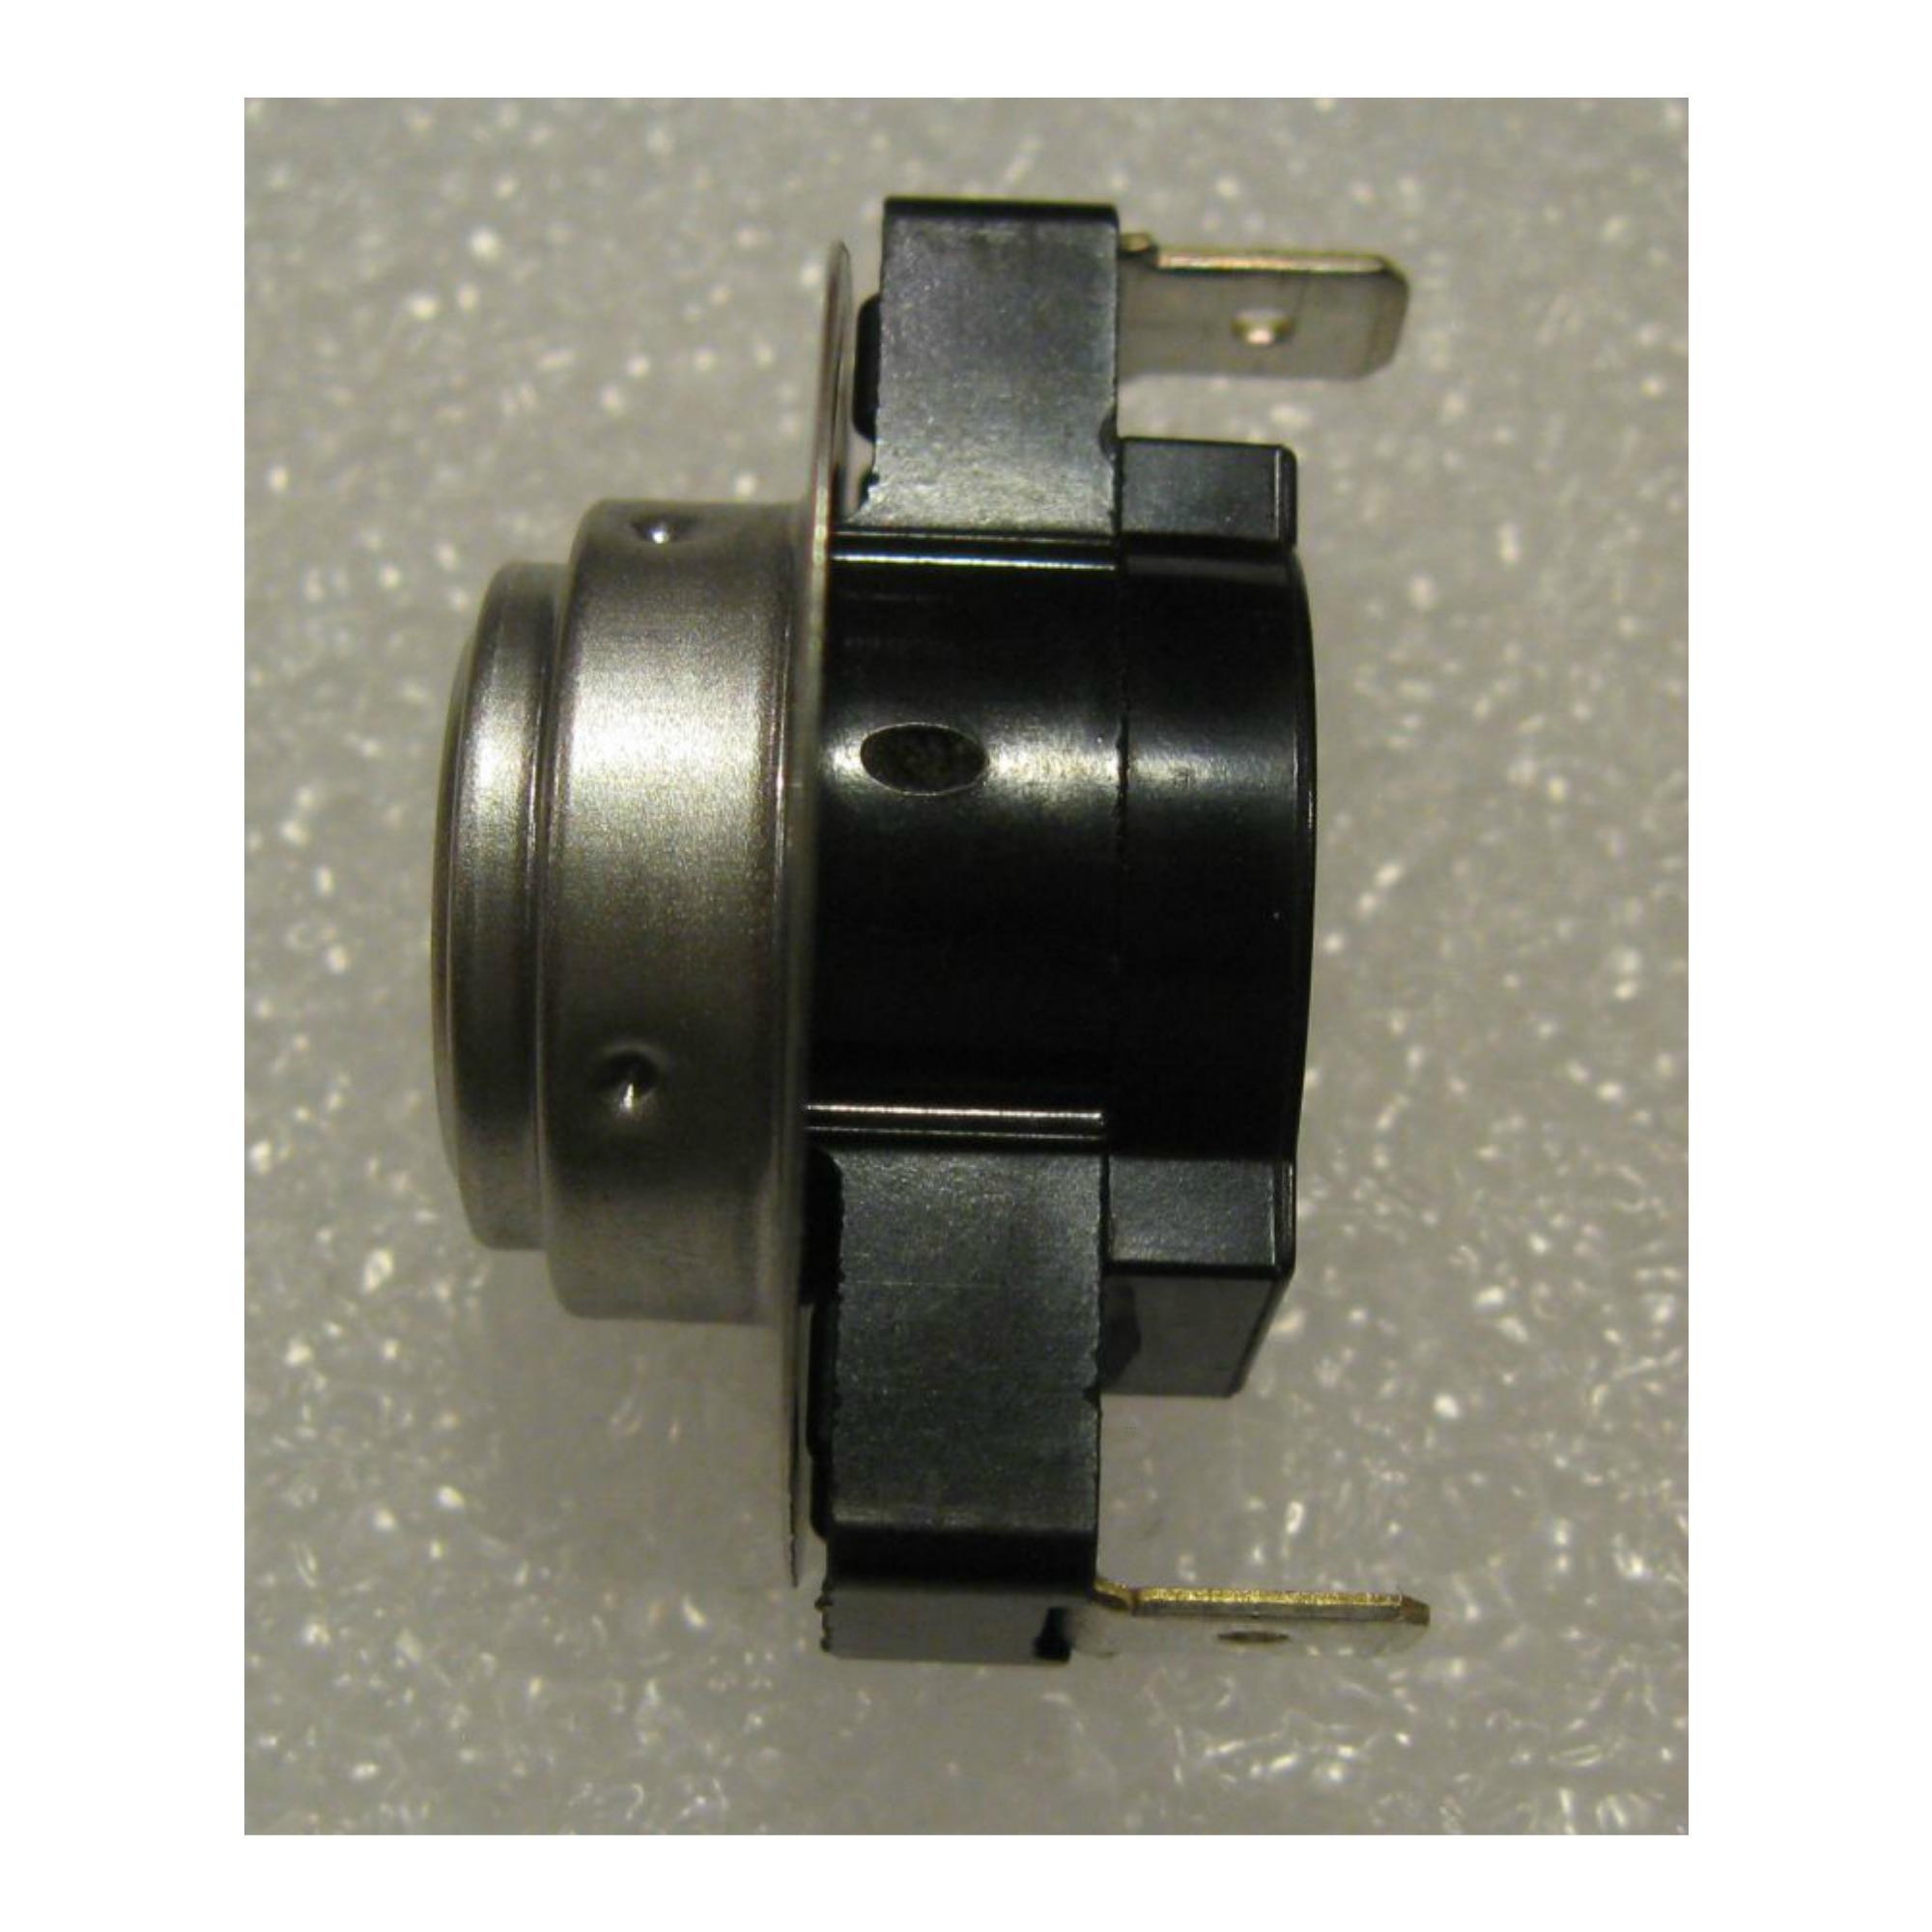 F110 Fan Control Sensor Snap Disc